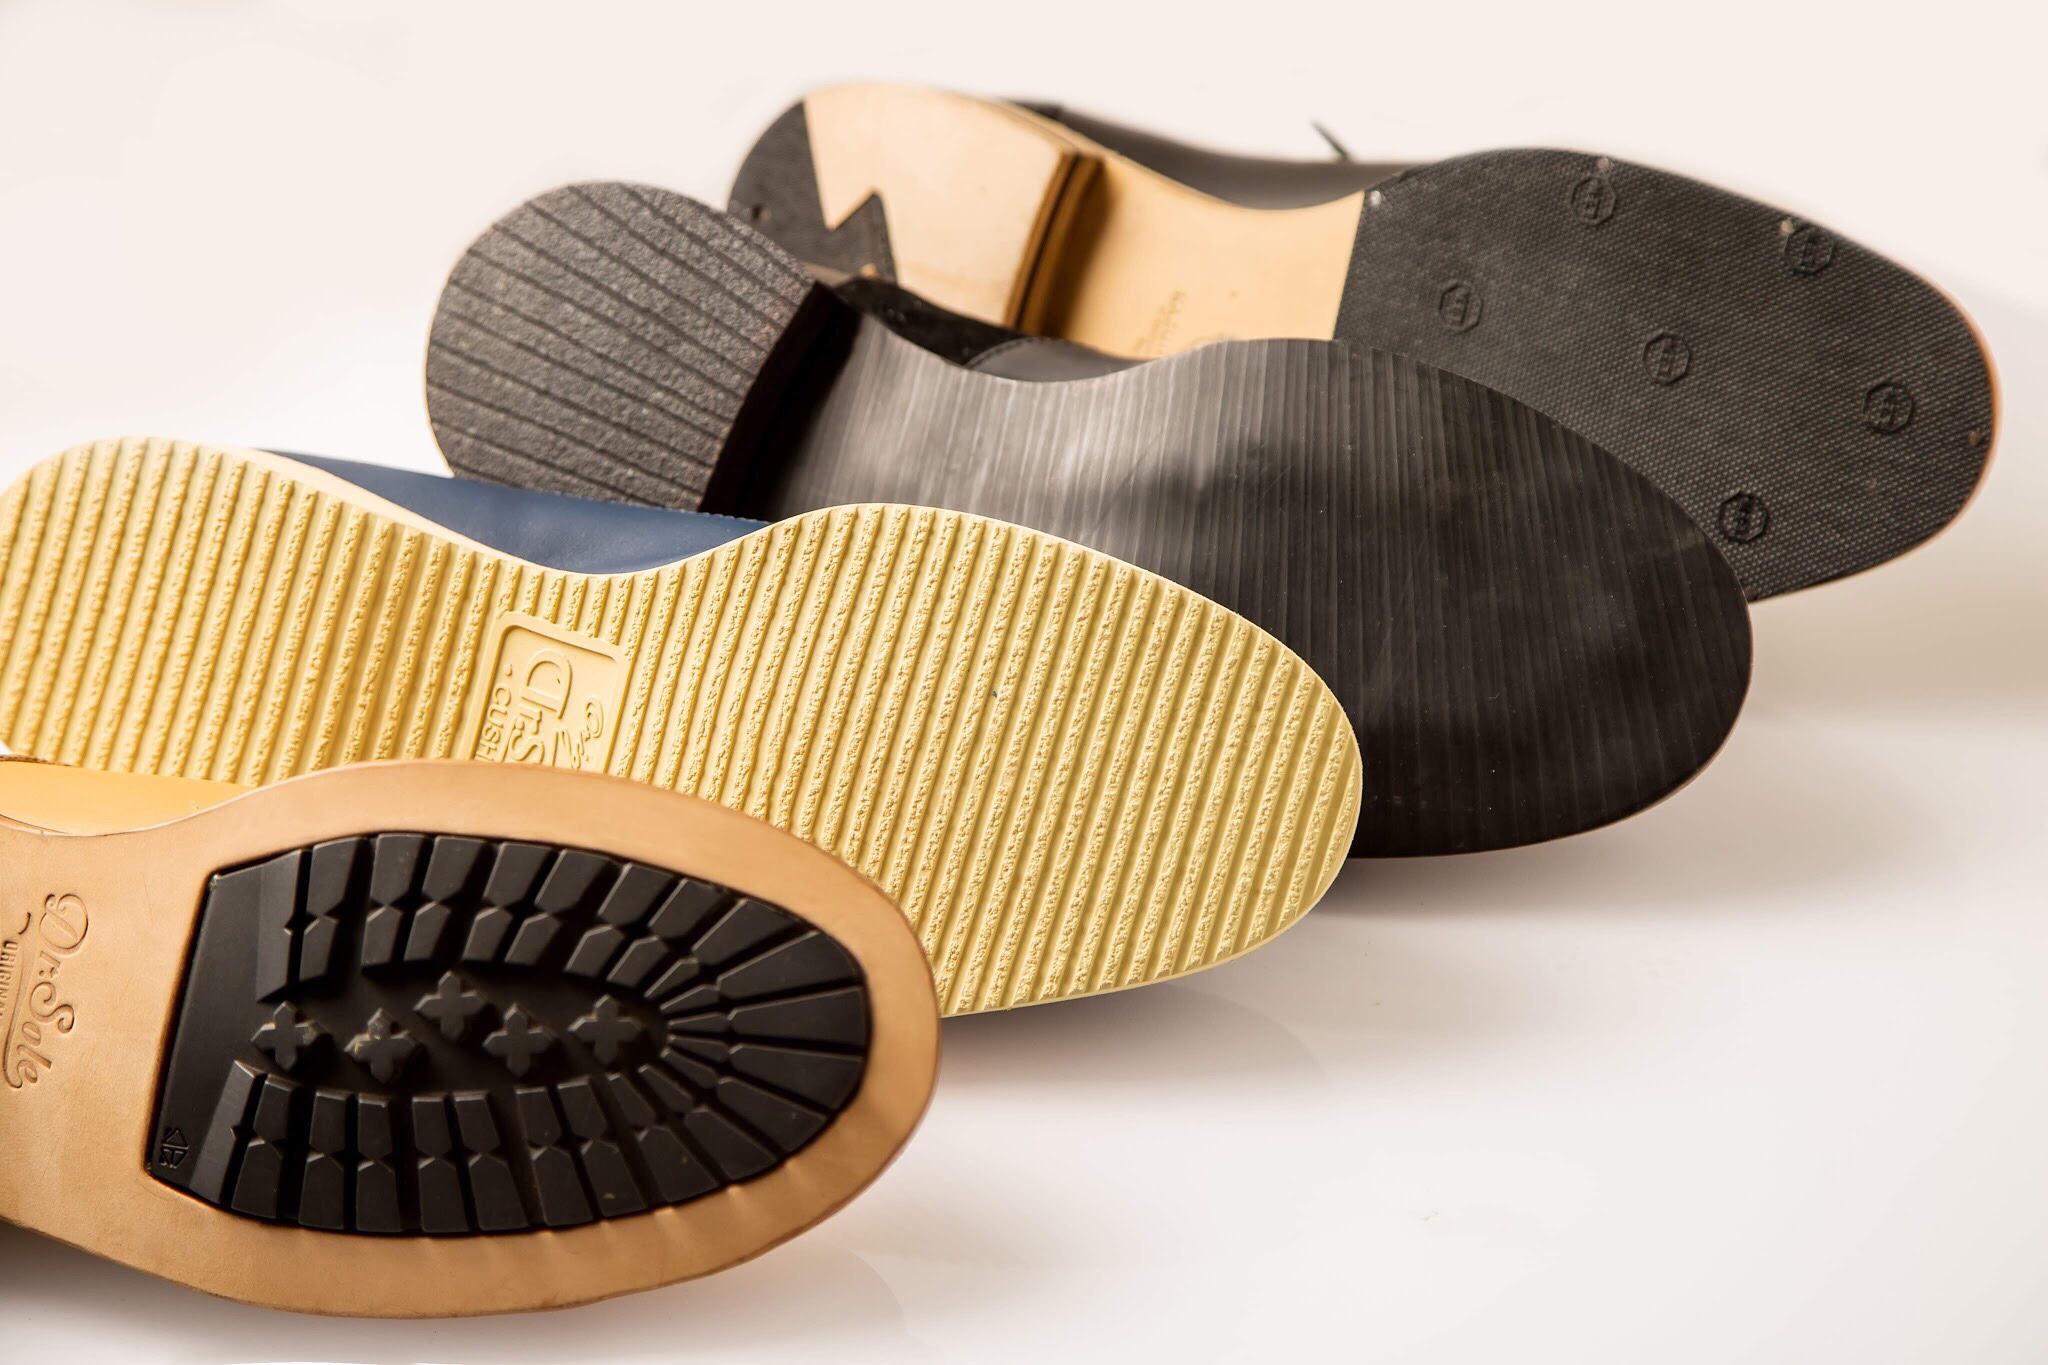 我們提供四款不同鞋底,讓你可以依照個人的需求/喜歡/穿著場合,來決定你的皮鞋應該搭配什麼樣的鞋底。  We offer 4 different types of soles you can choose from.